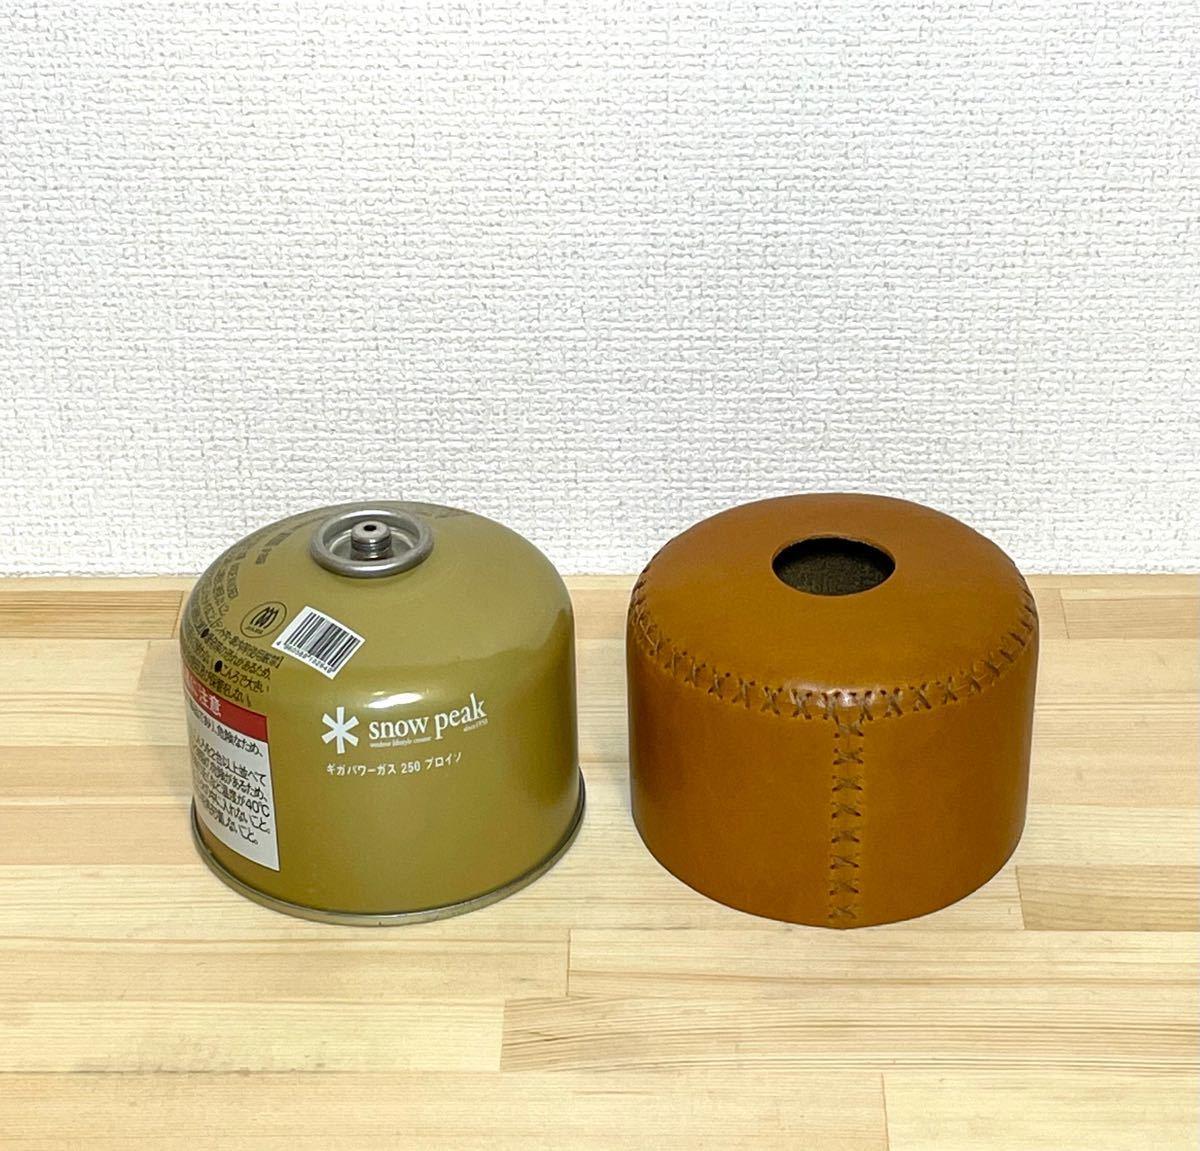 【ヌメ革】本革ガス缶カバー OD缶カバー キャンドルランタン ノクターン ルミエール エジソンランタン